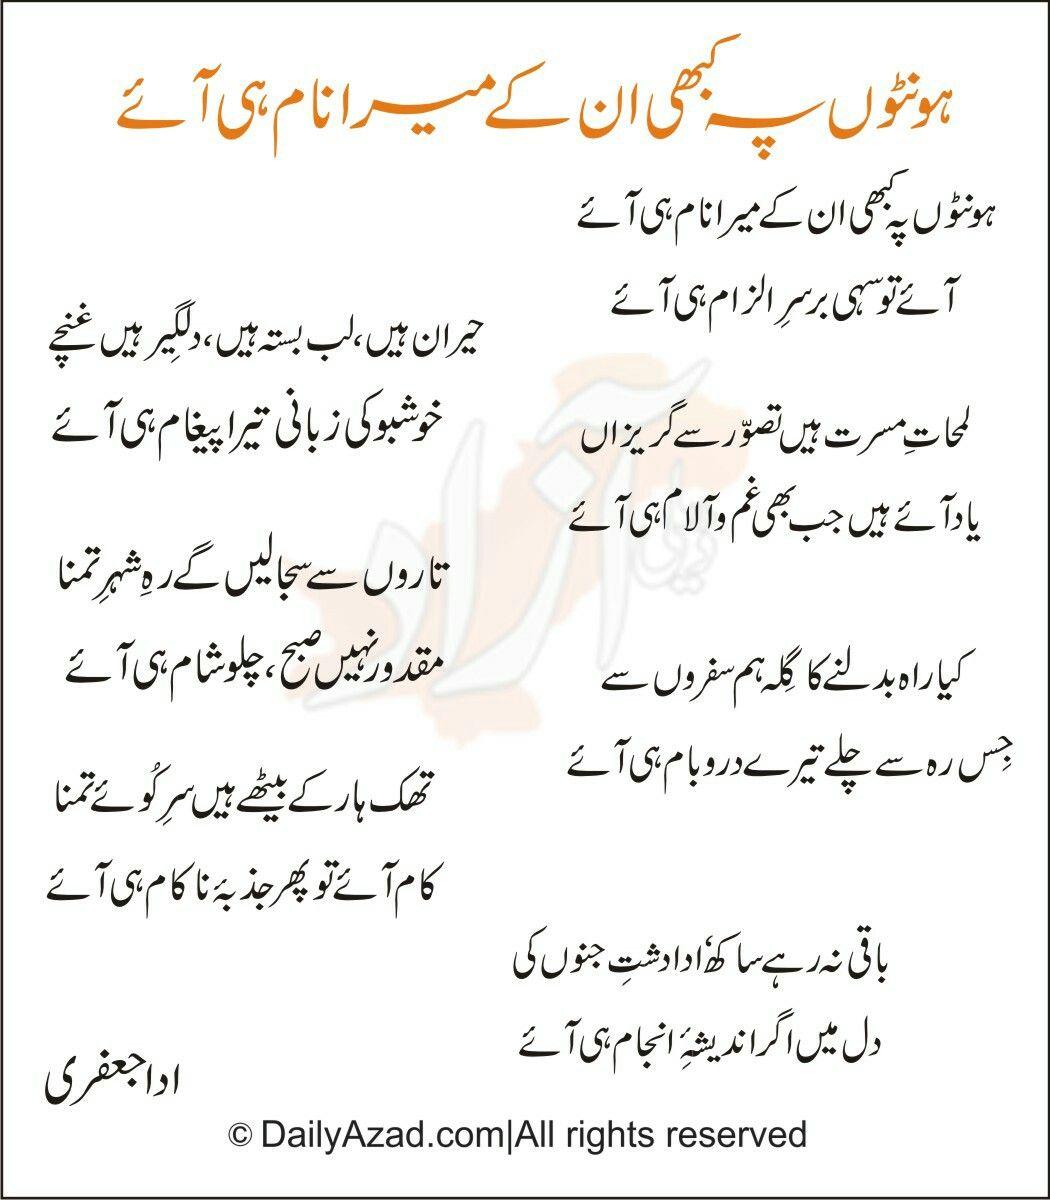 Pin by Urooj Murtaza on Urdu poetry Poetry pic, Urdu